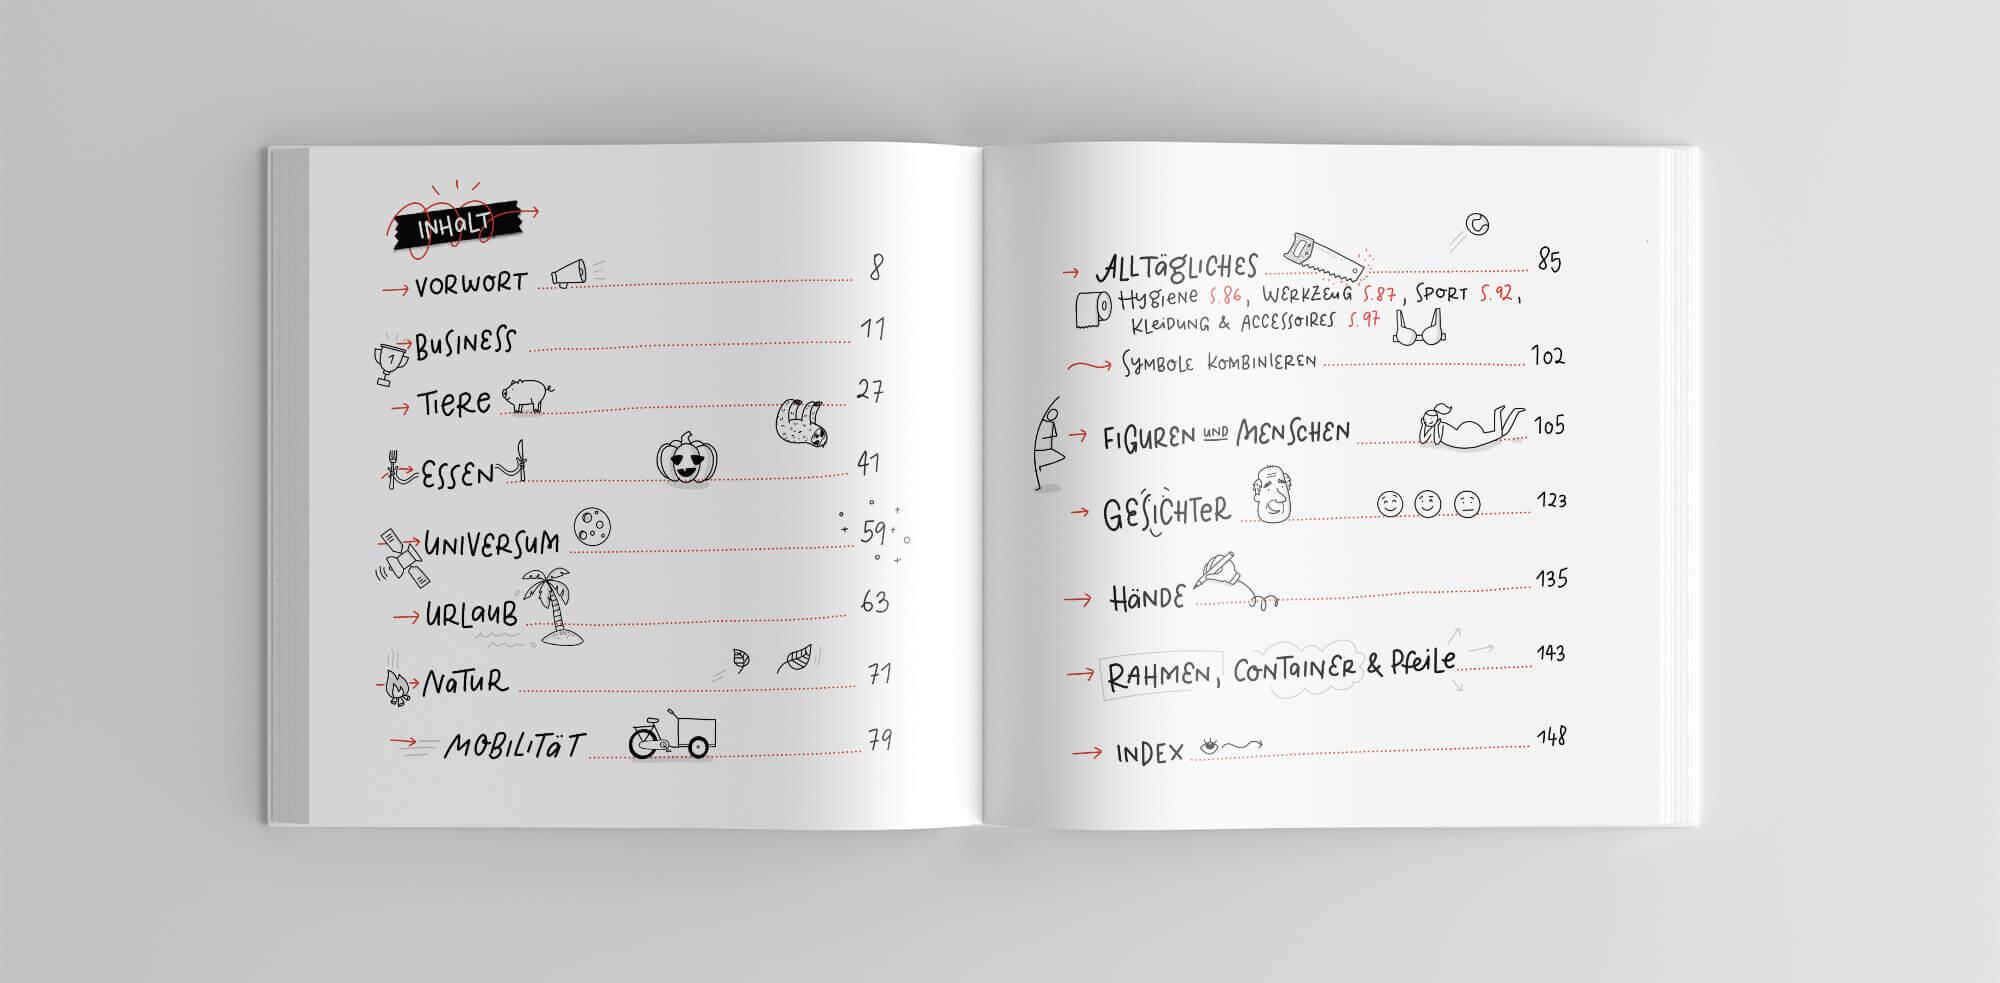 Sketchnotes Symbolbibliothek Inhaltsverzeichnis